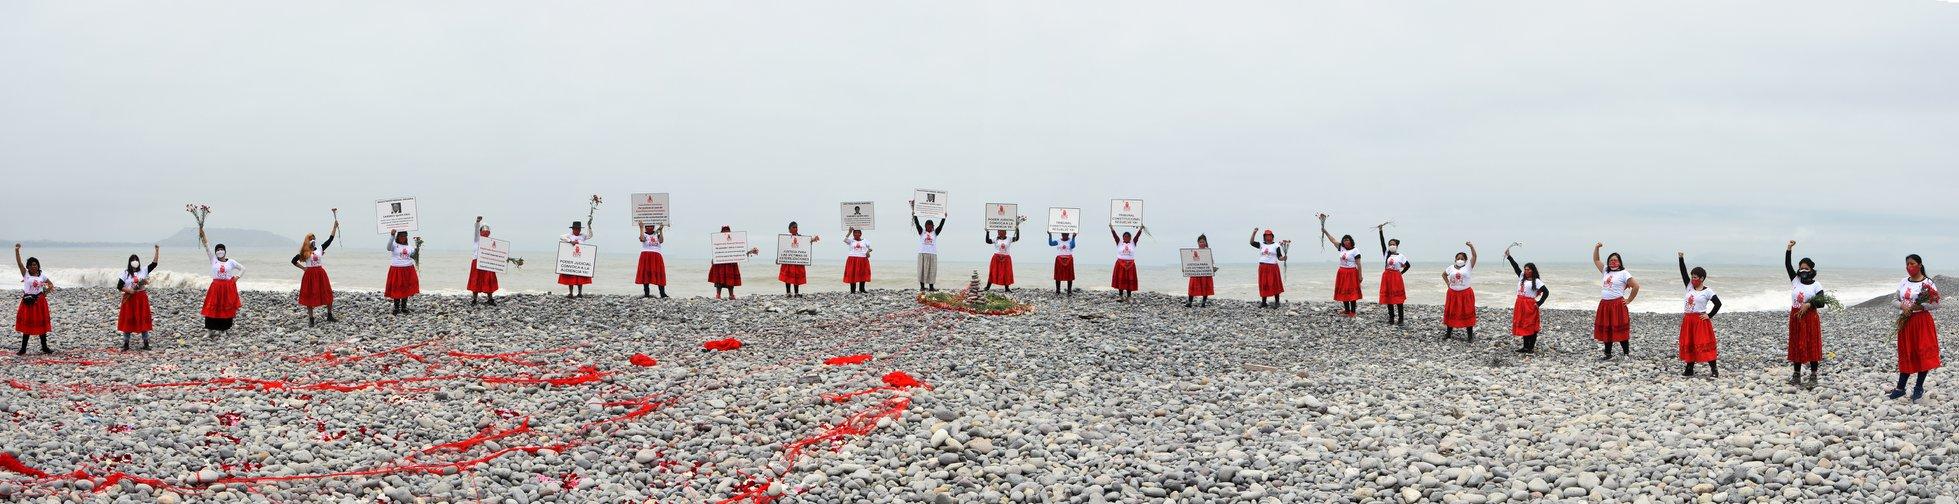 Un groupe de femmes en rouge et blanc manifeste sur une plage de Lima à l'aide de pancartes. Elles gardent leurs distances en raison de la pandémie de COVID-19.